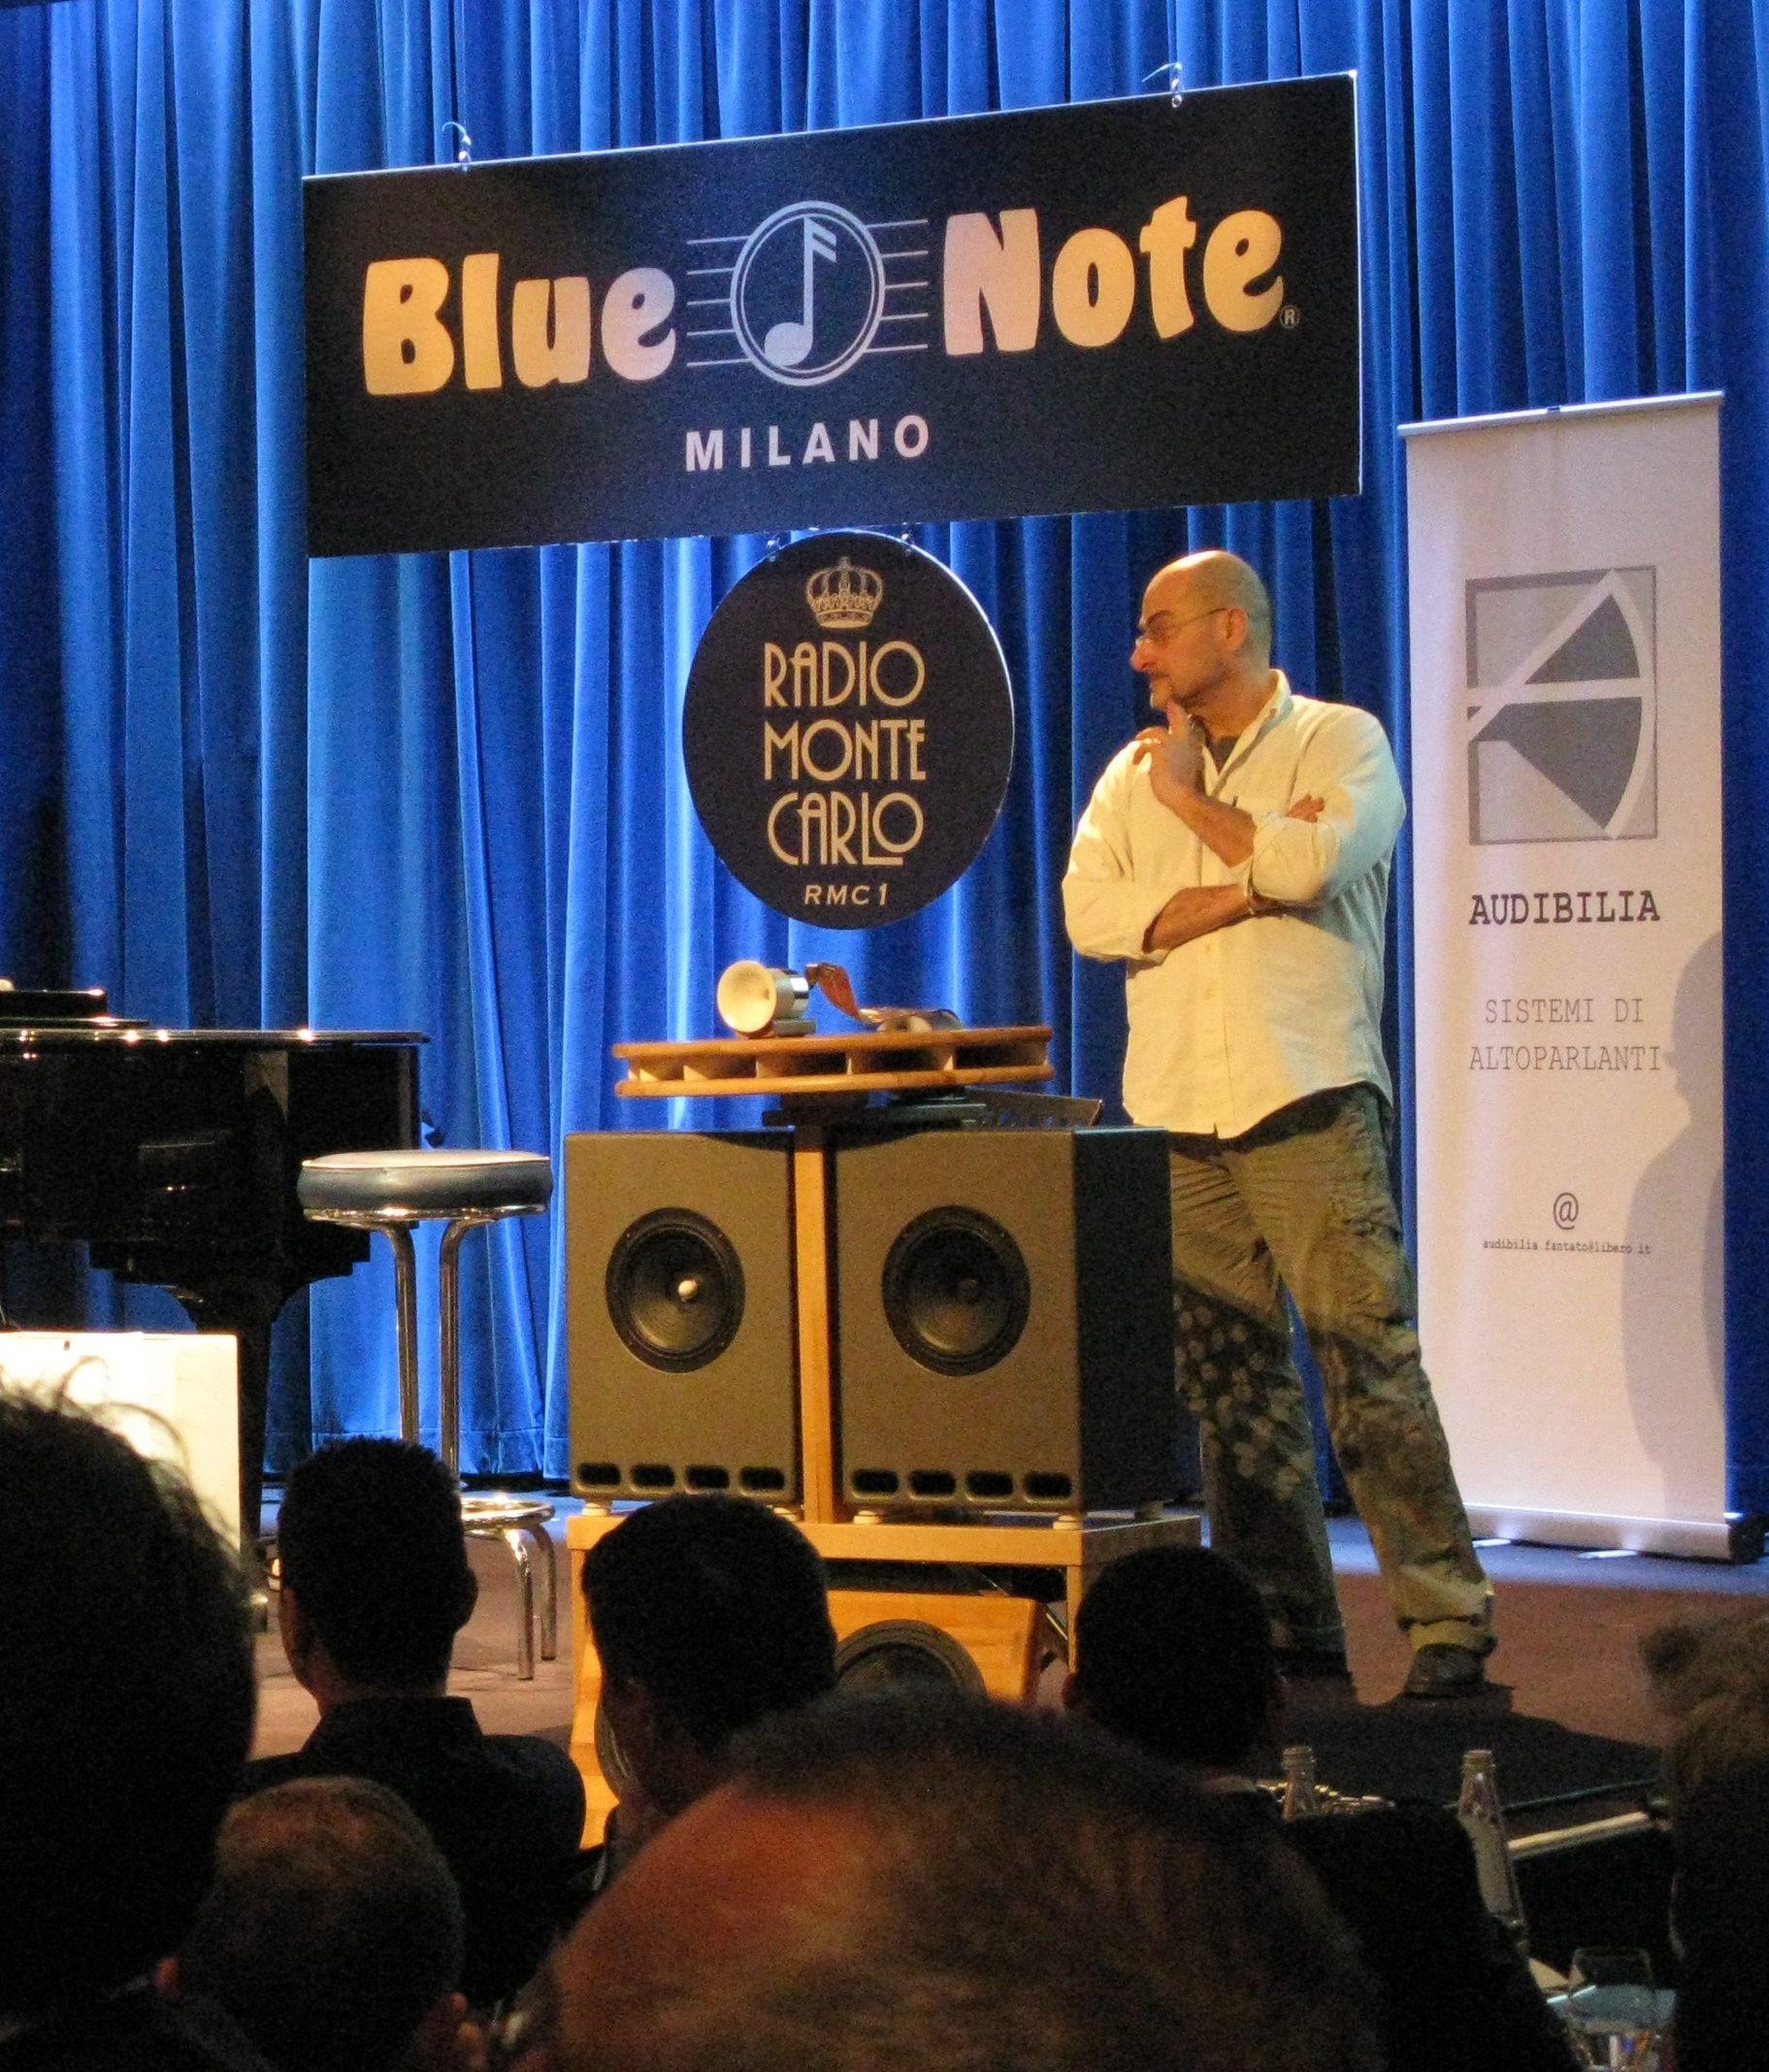 3gianluca-fantato-audibilia-al-blue-note teghemai